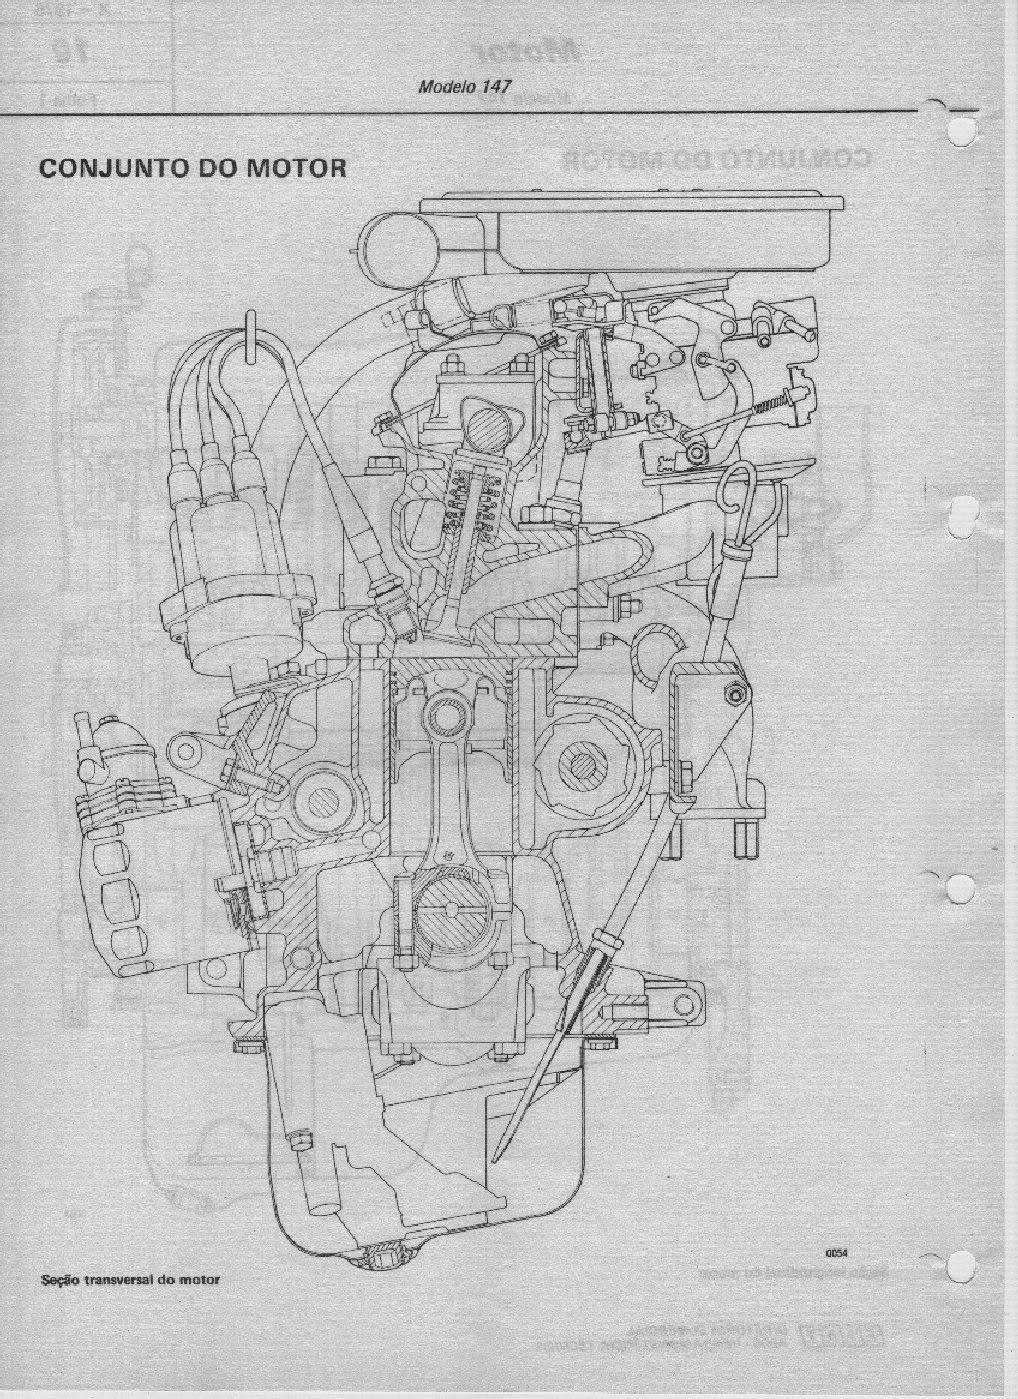 Manual de reparação FIAT 147